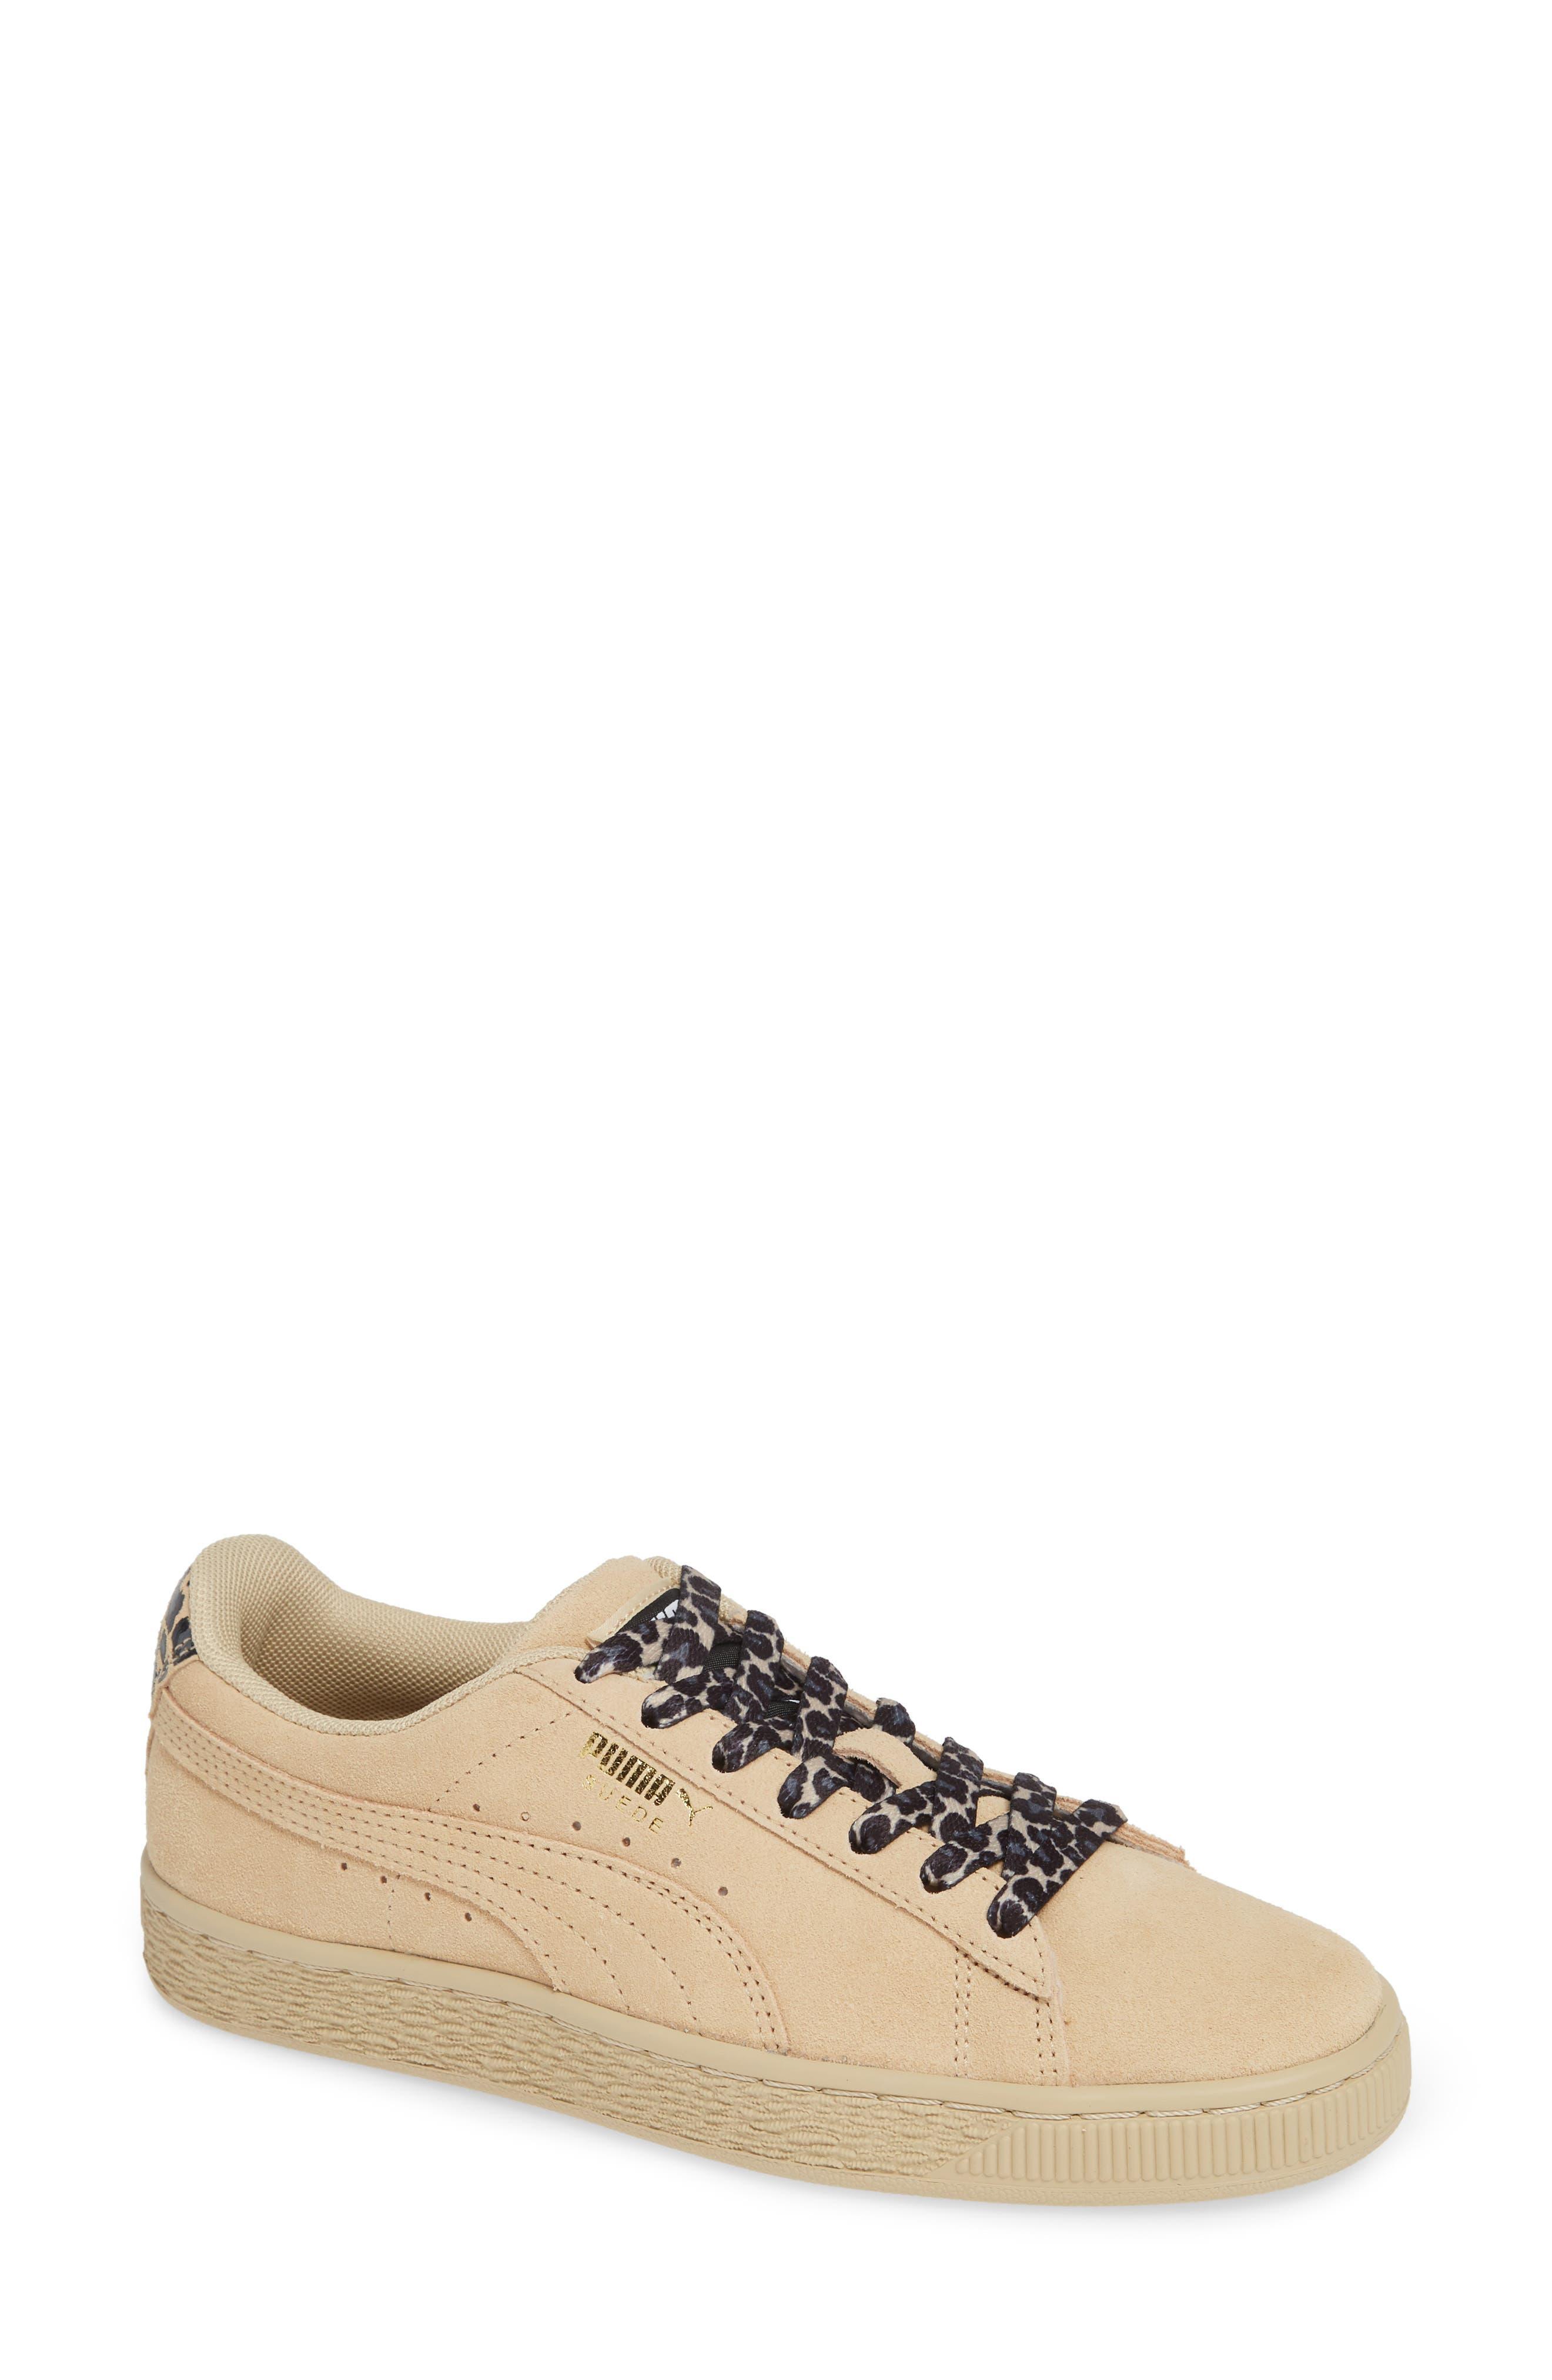 PUMA Suede Wild Sneaker, Main, color, 280